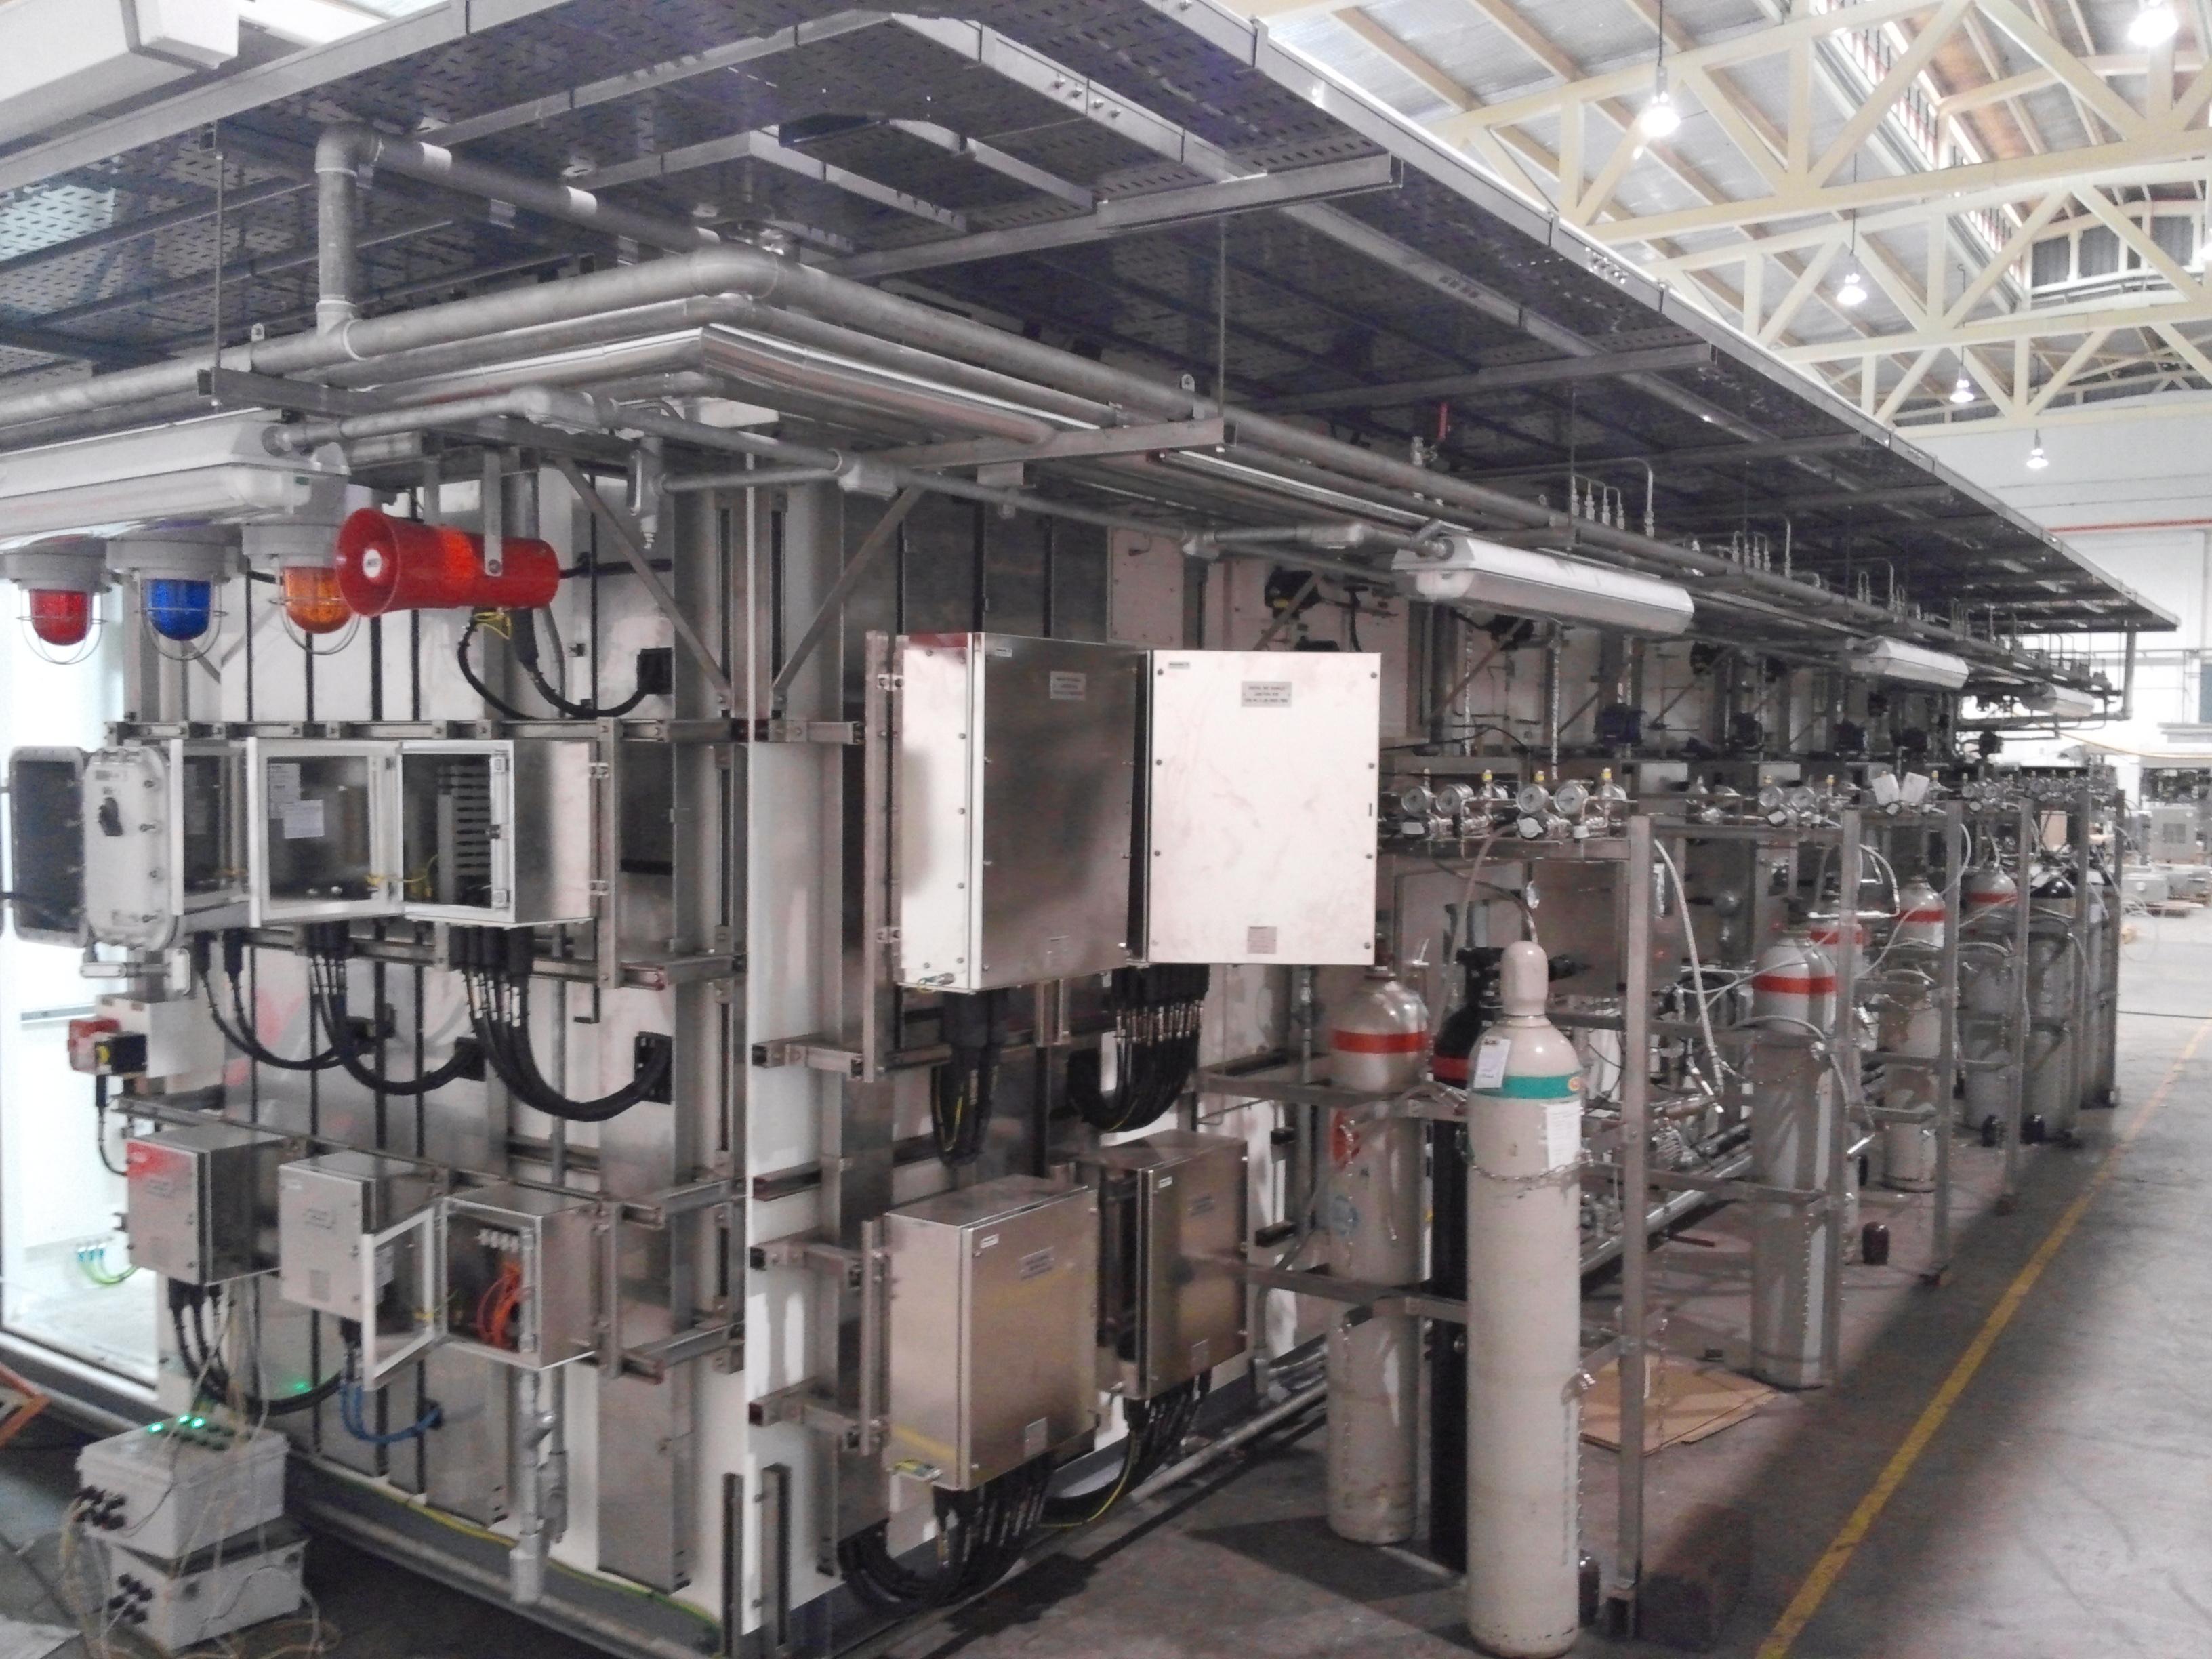 Analyzer System Yokogawa Electric Corporation